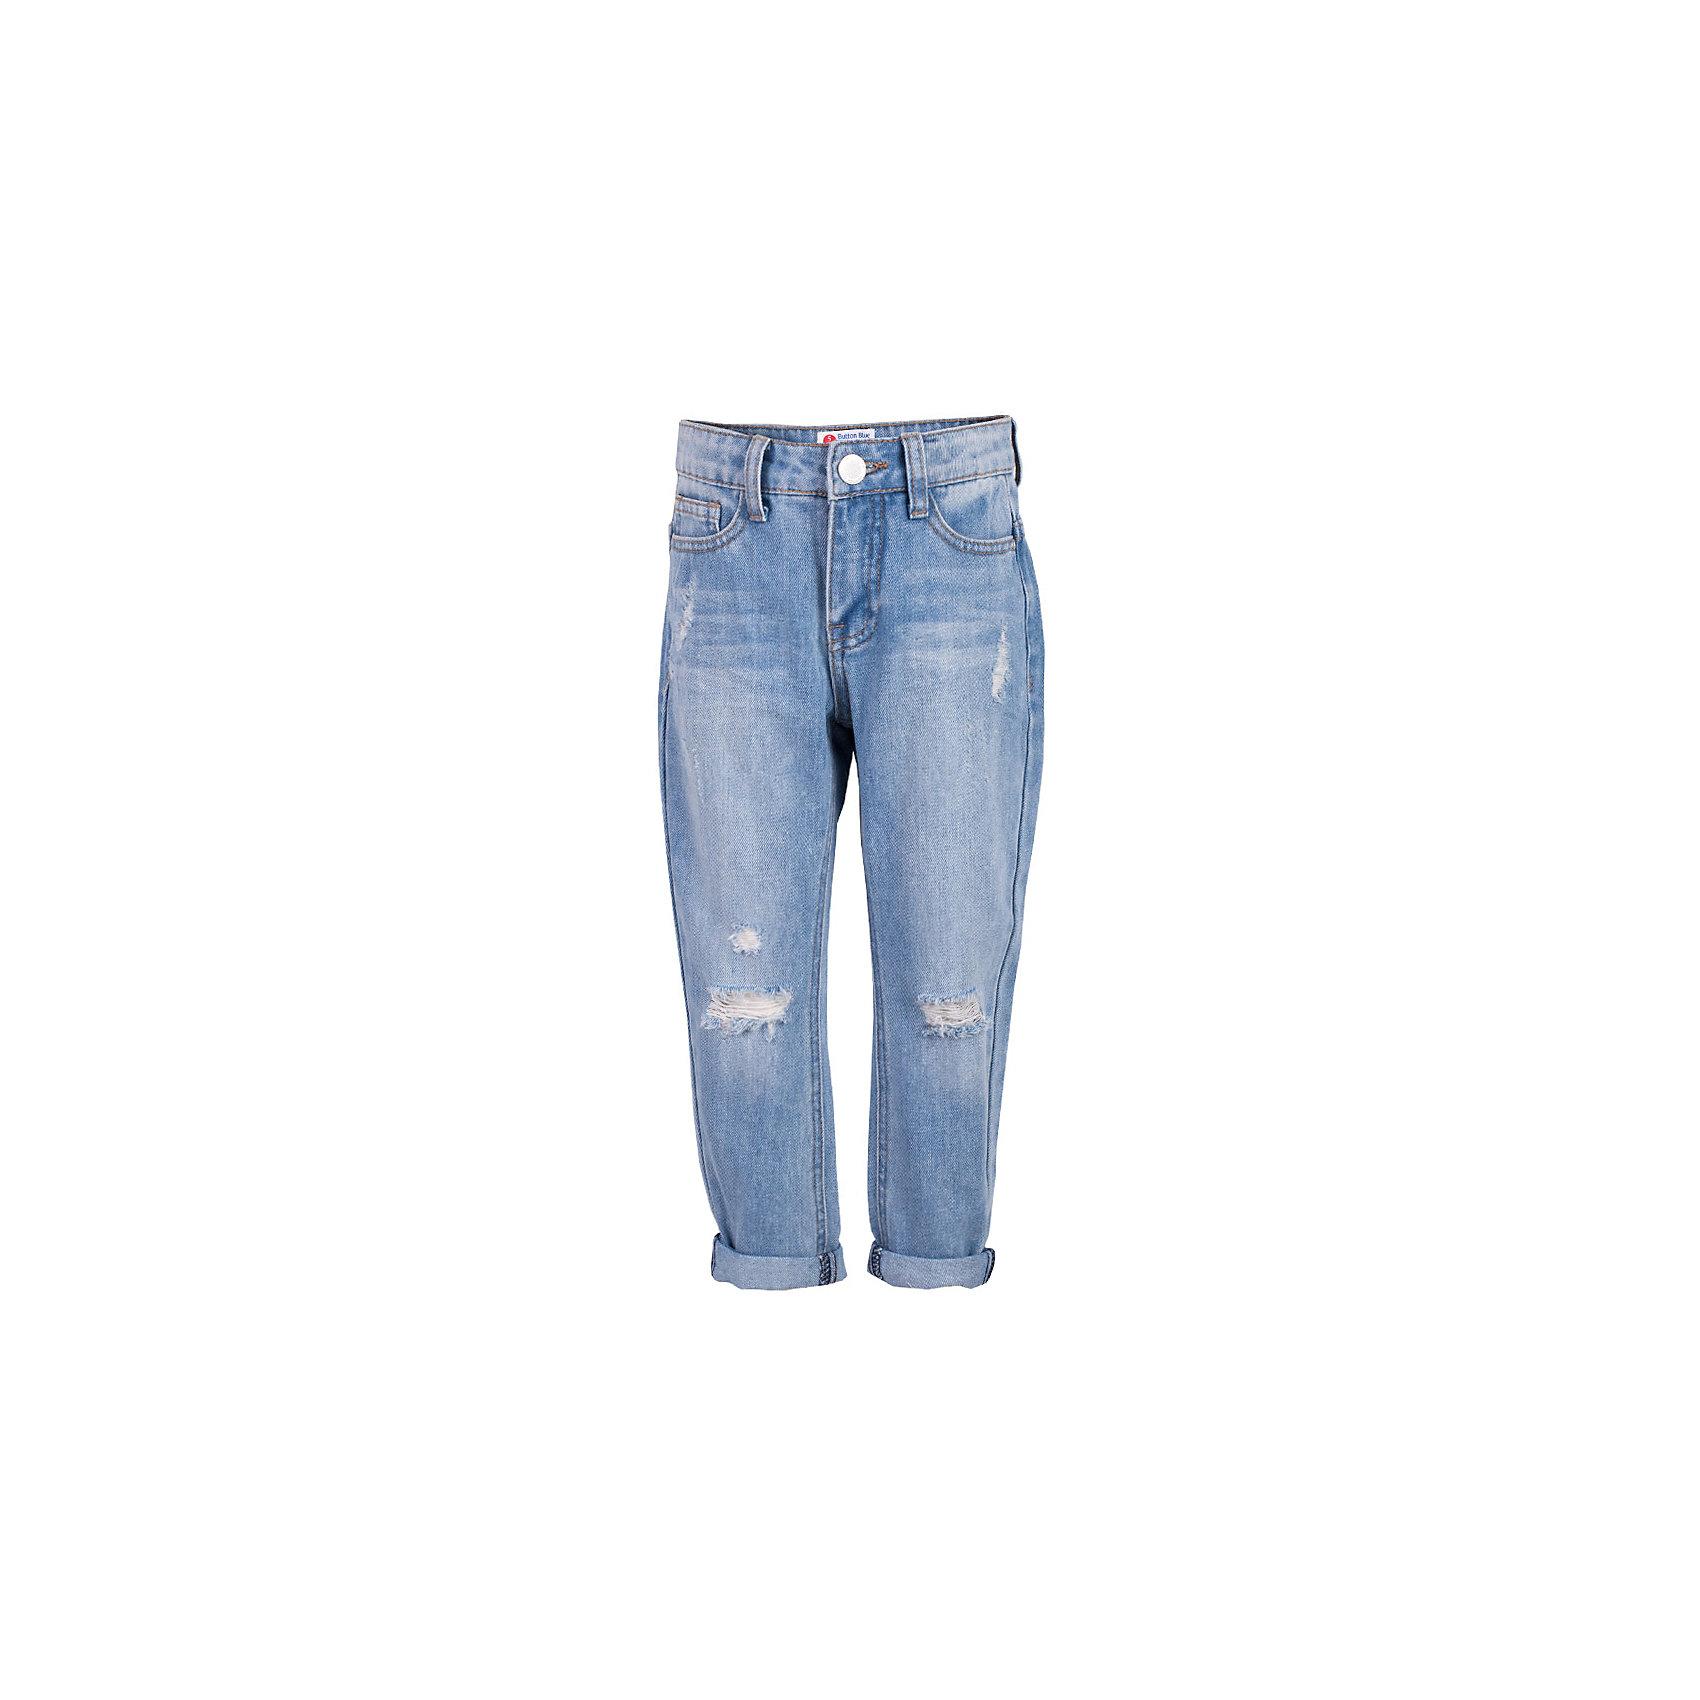 Джинсы для девочки  BUTTON BLUEДжинсы для девочки  BUTTON BLUE<br>Классные голубые джинсы с потертостями и повреждениями — гарантия модного современного образа! Хороший крой,  удобная посадка на фигуре подарят девочке комфорт и свободу движений. Если вы хотите купить ребенку недорогие джинсы силуэта бойфренд, модель от Button Blue - прекрасный выбор!<br>Состав:<br>100%  хлопок<br><br>Ширина мм: 215<br>Глубина мм: 88<br>Высота мм: 191<br>Вес г: 336<br>Цвет: голубой<br>Возраст от месяцев: 144<br>Возраст до месяцев: 156<br>Пол: Женский<br>Возраст: Детский<br>Размер: 158,104,122,128,134,140,146,152,98<br>SKU: 5523678